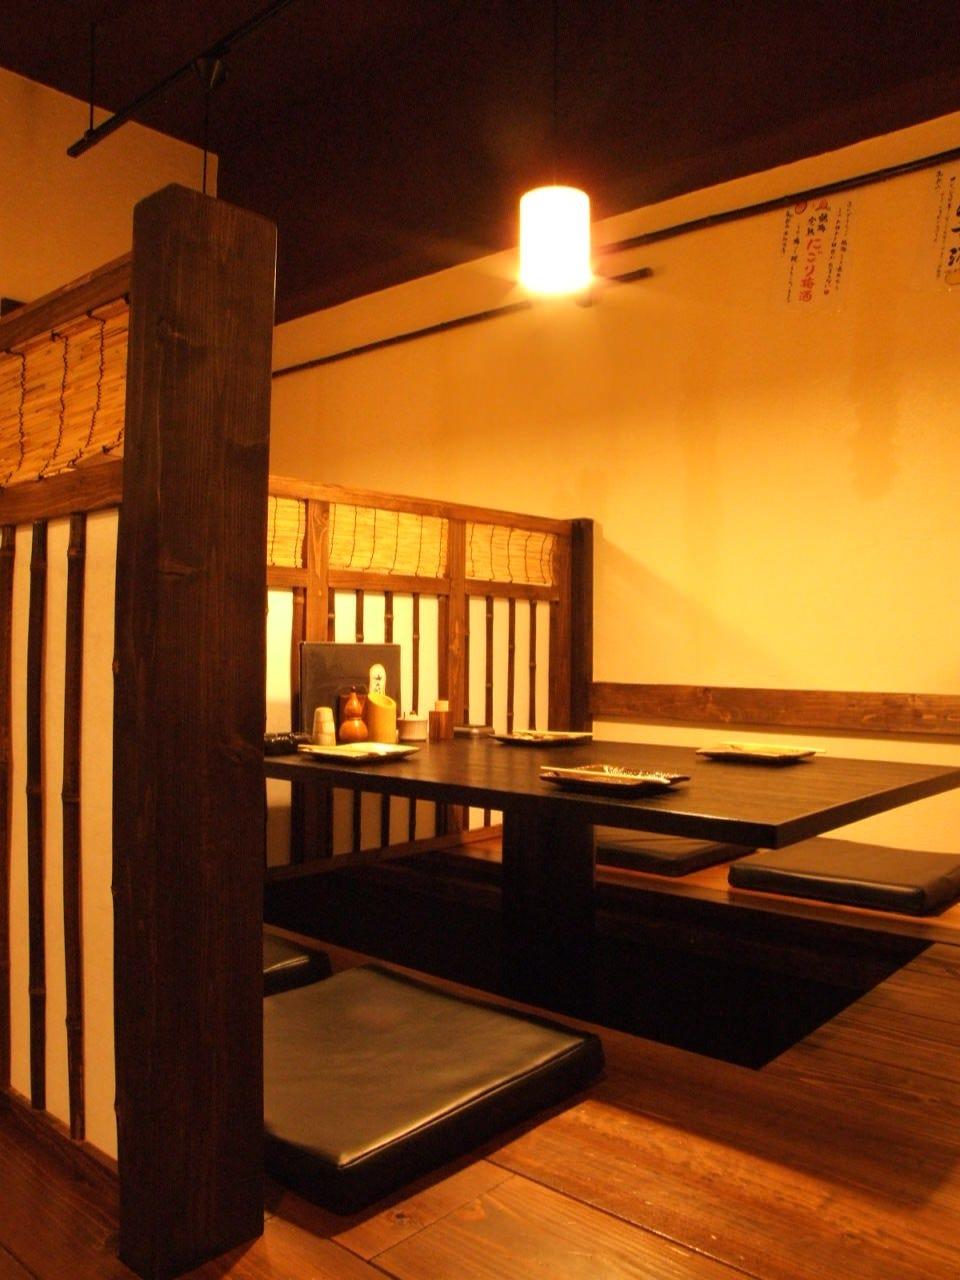 鶴橋の隠れ家★居心地&雰囲気良し♪